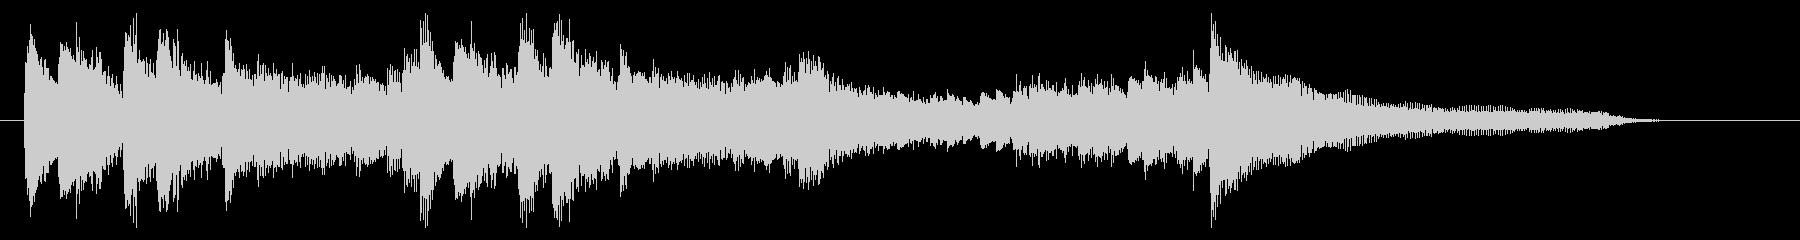 華麗で勢いのあるピアノジングル 13秒の未再生の波形